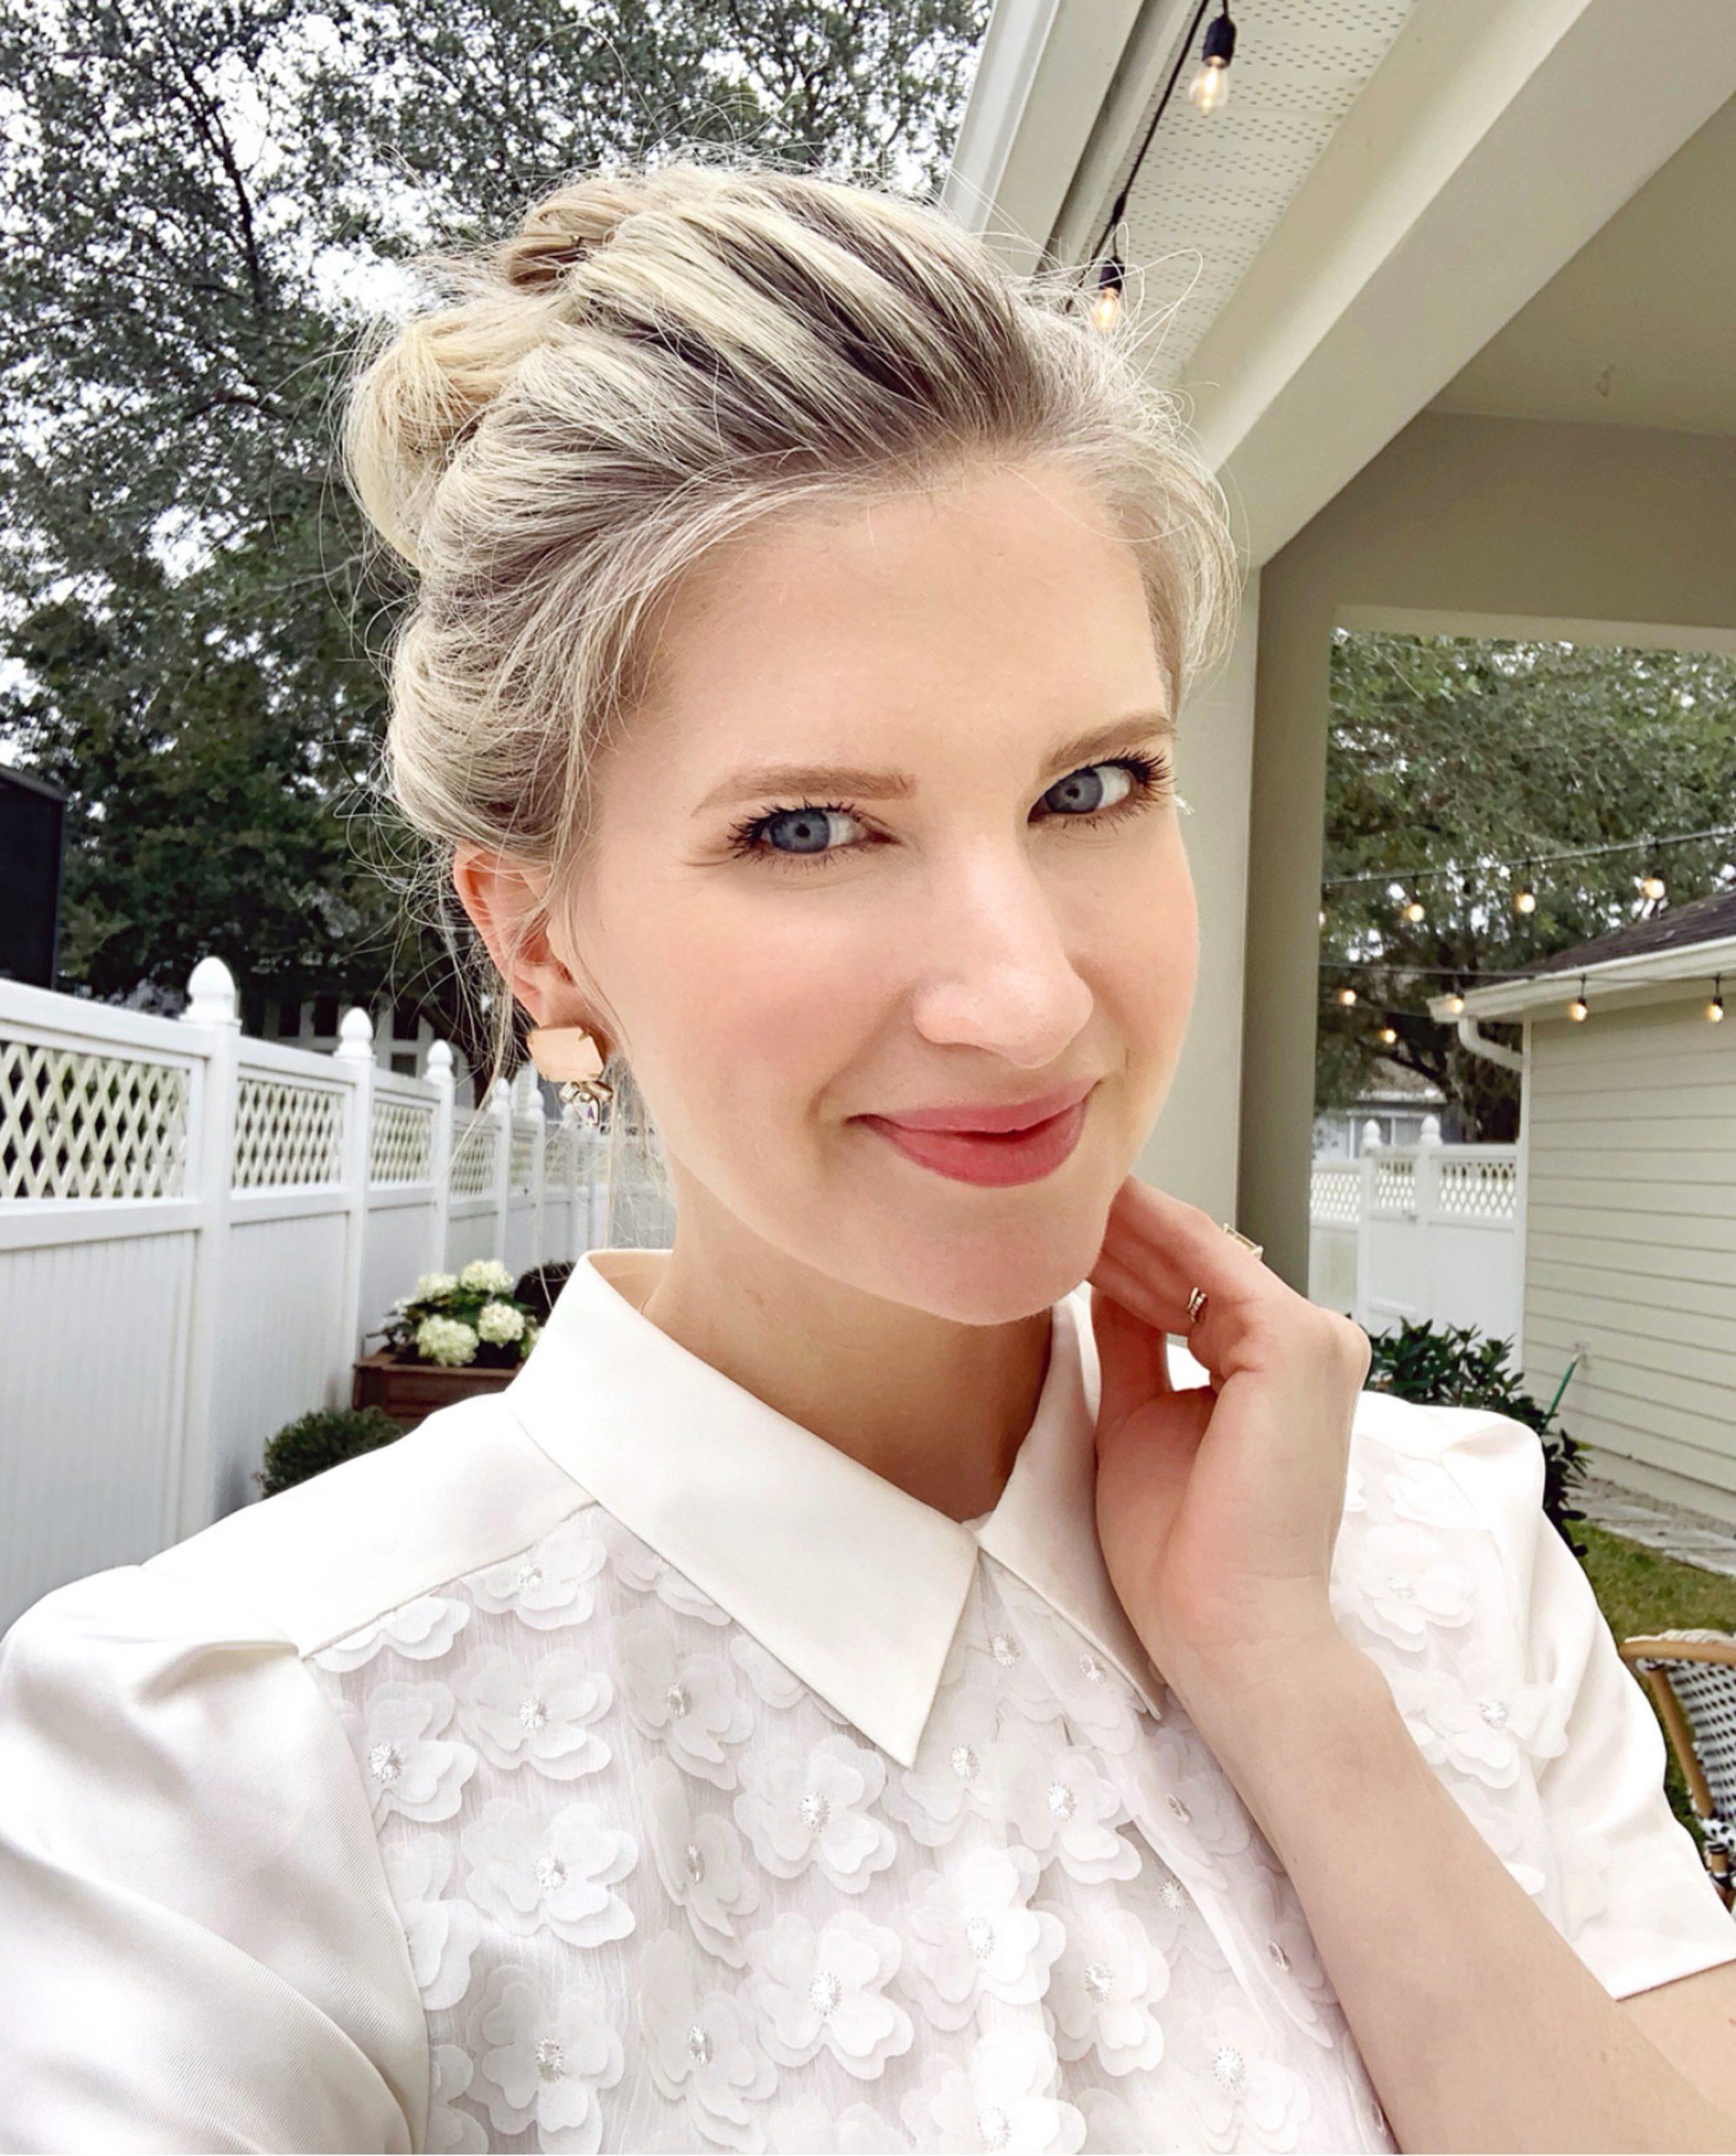 About Ashley Brooke on www.ashleybrookedesigns.com